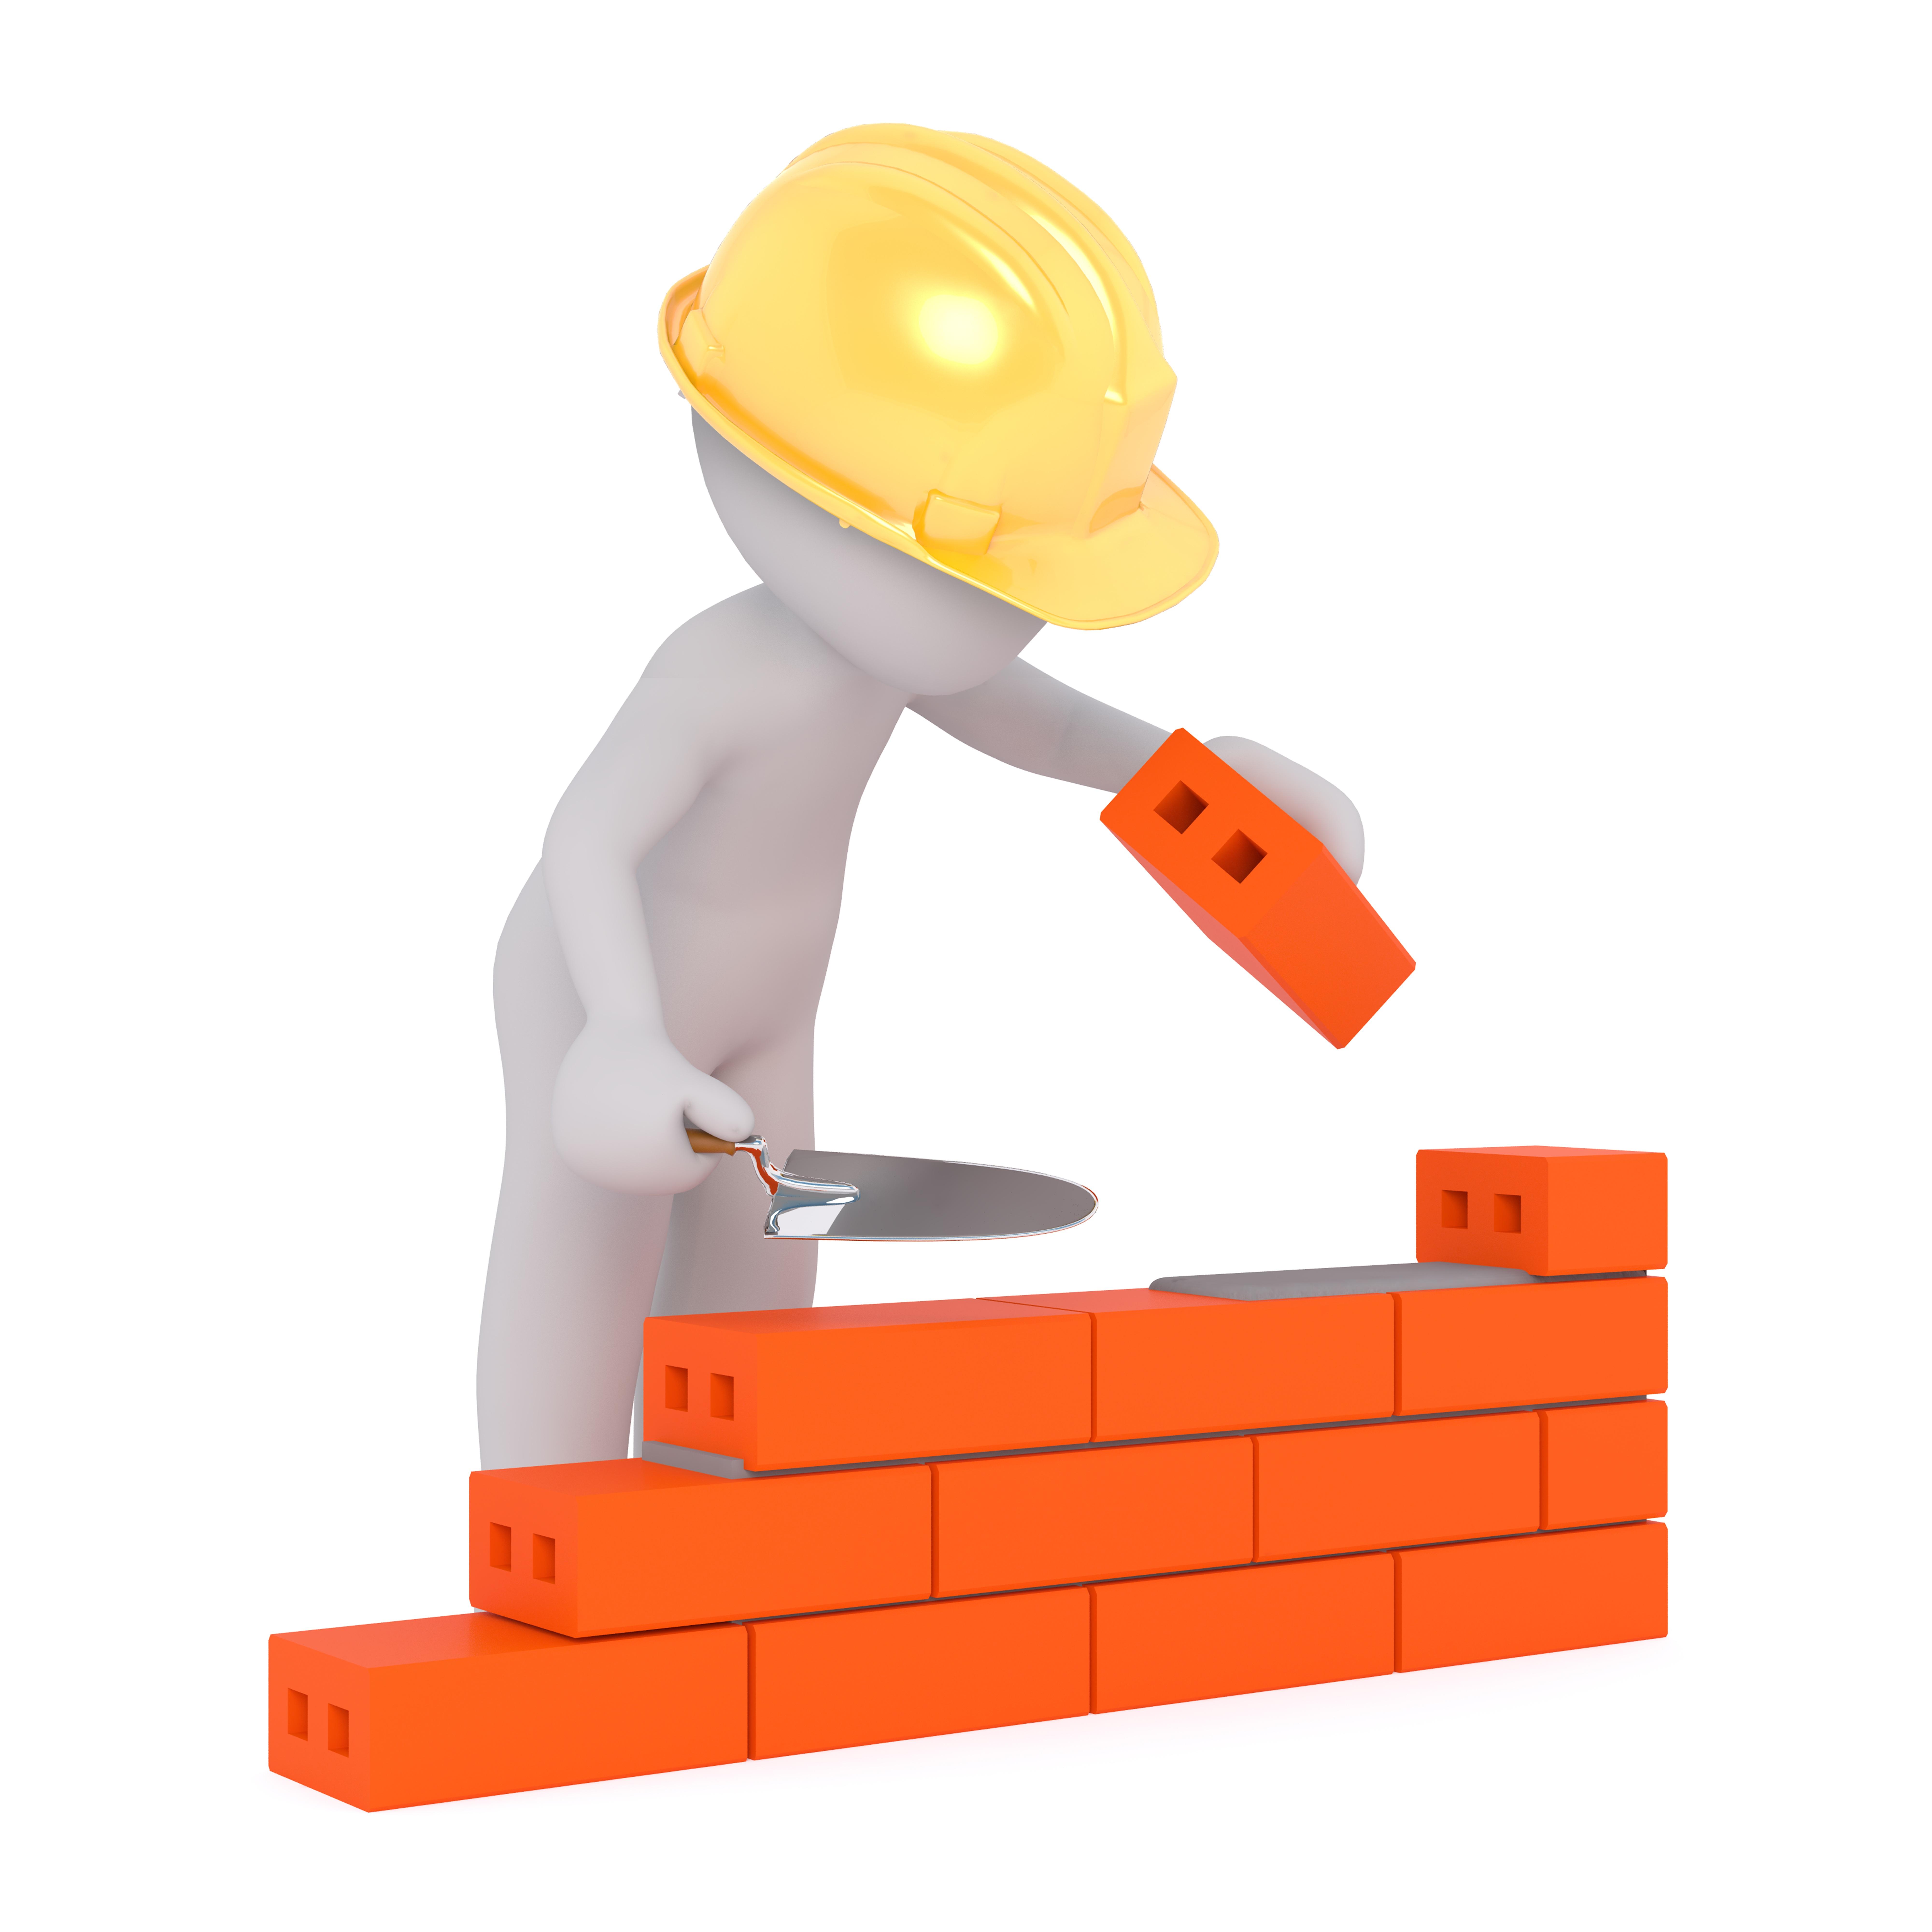 ароматизаторы этом картинка строитель с кирпичом того чтобы рисунок